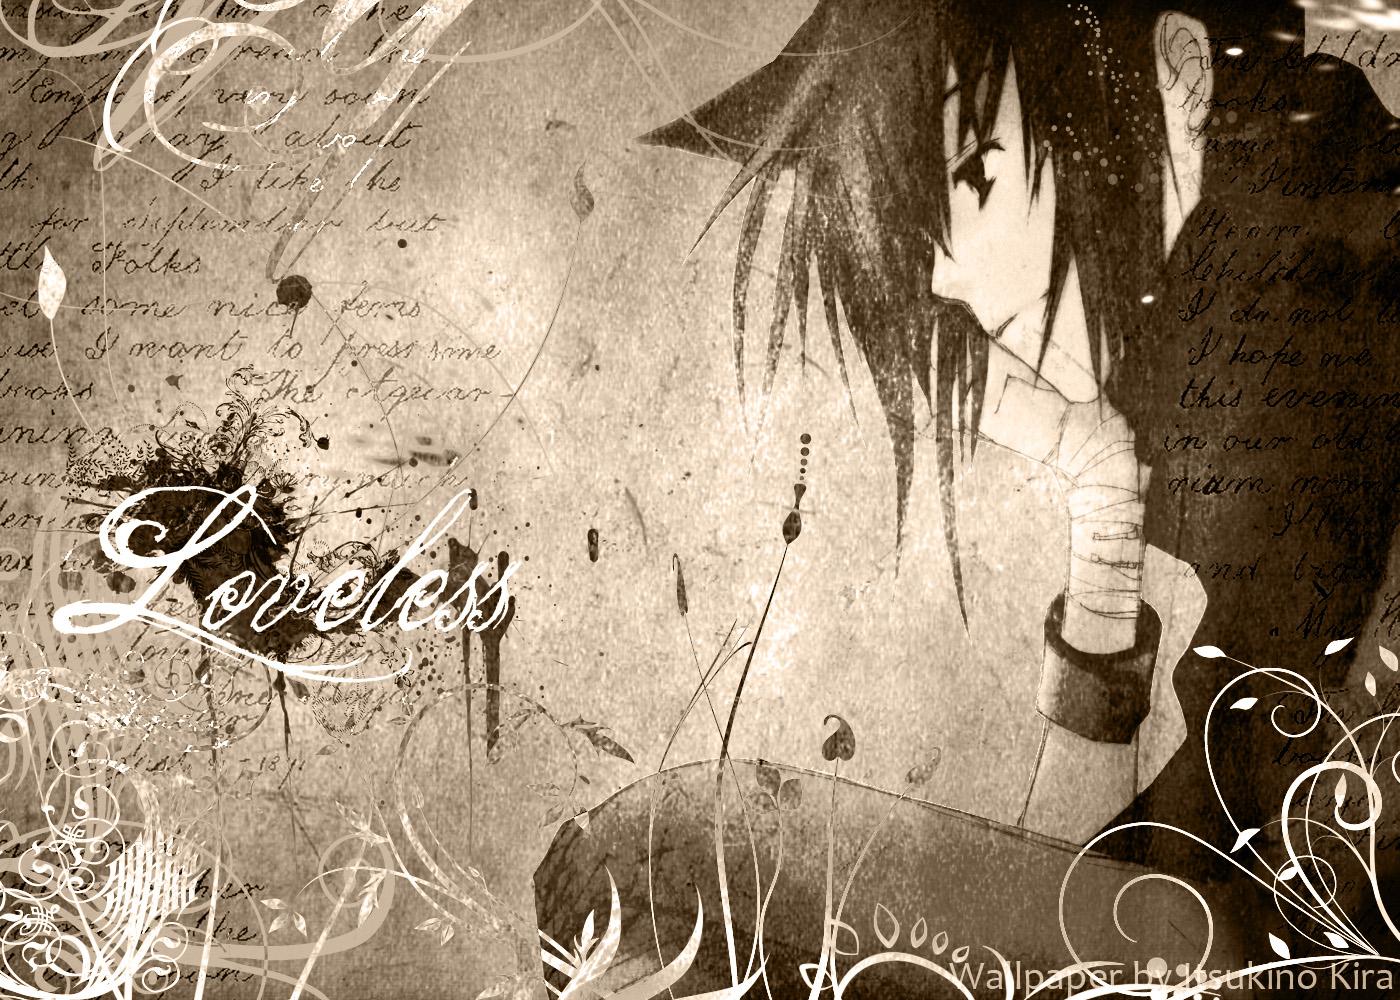 http://1.bp.blogspot.com/_6h8EK9zd-00/TN-5zOPeSAI/AAAAAAAAAFQ/4fFrYIz3iWI/s1600/1_Loveless_Wallpaper_by_ItsukinoKira.jpg